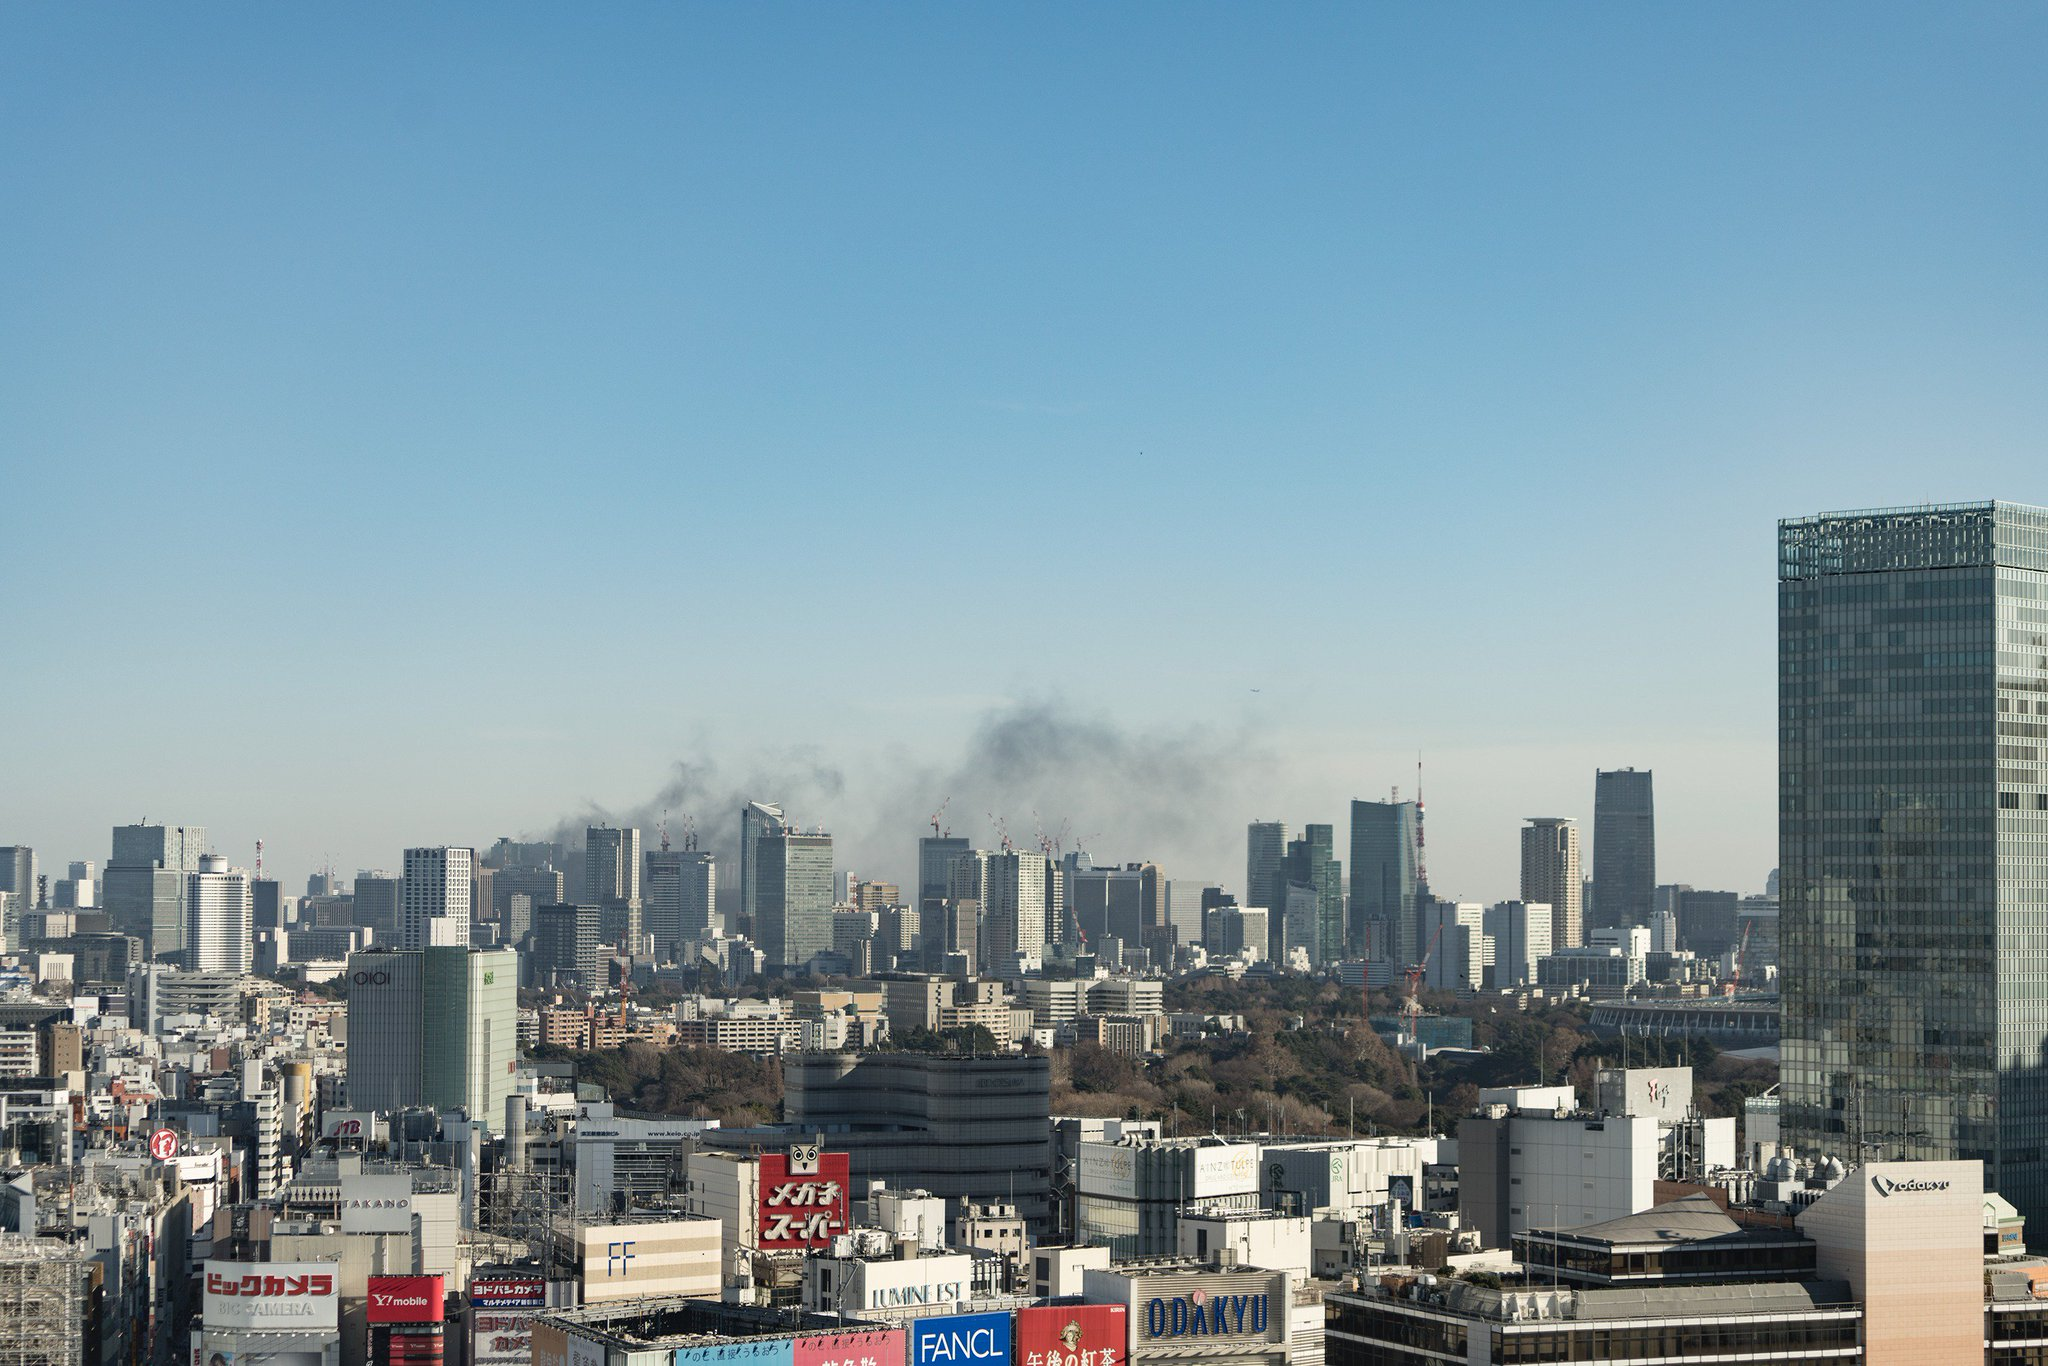 画像,新宿のオフィスから火事っぽいの見えるって思ったら新橋らしい https://t.co/KDOREv1m8b。